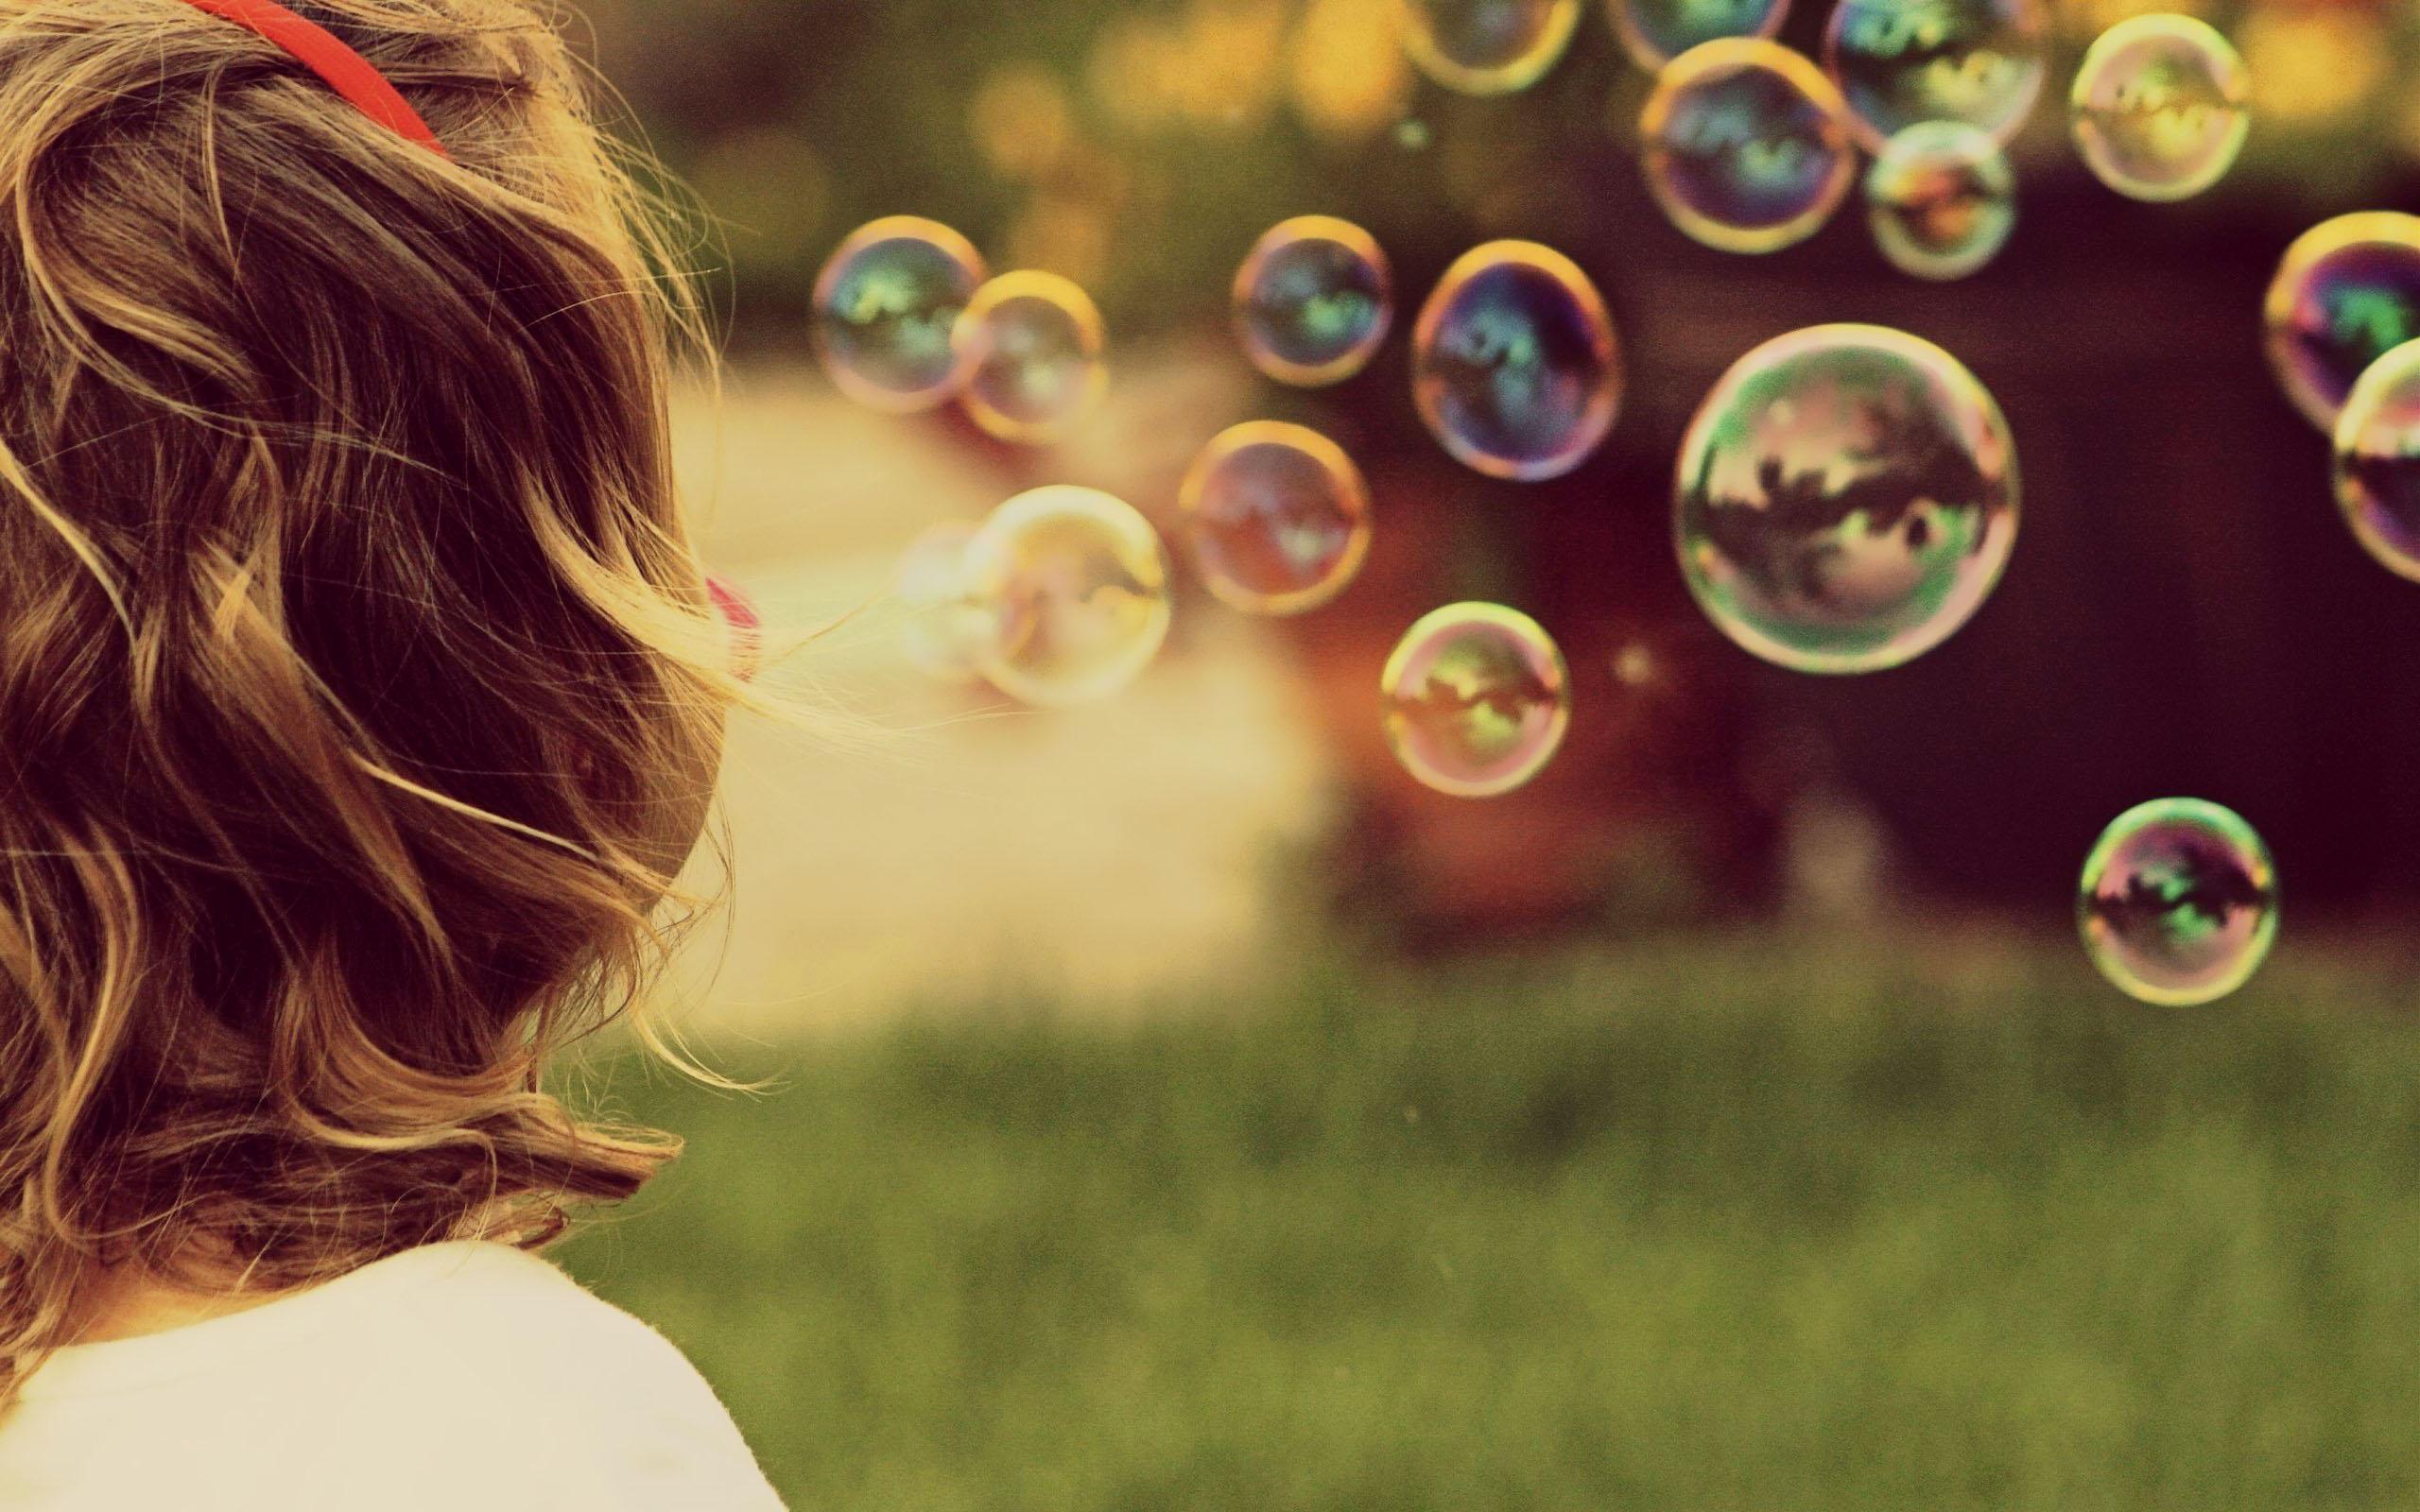 Cool Soap Bubbles Wallpaper